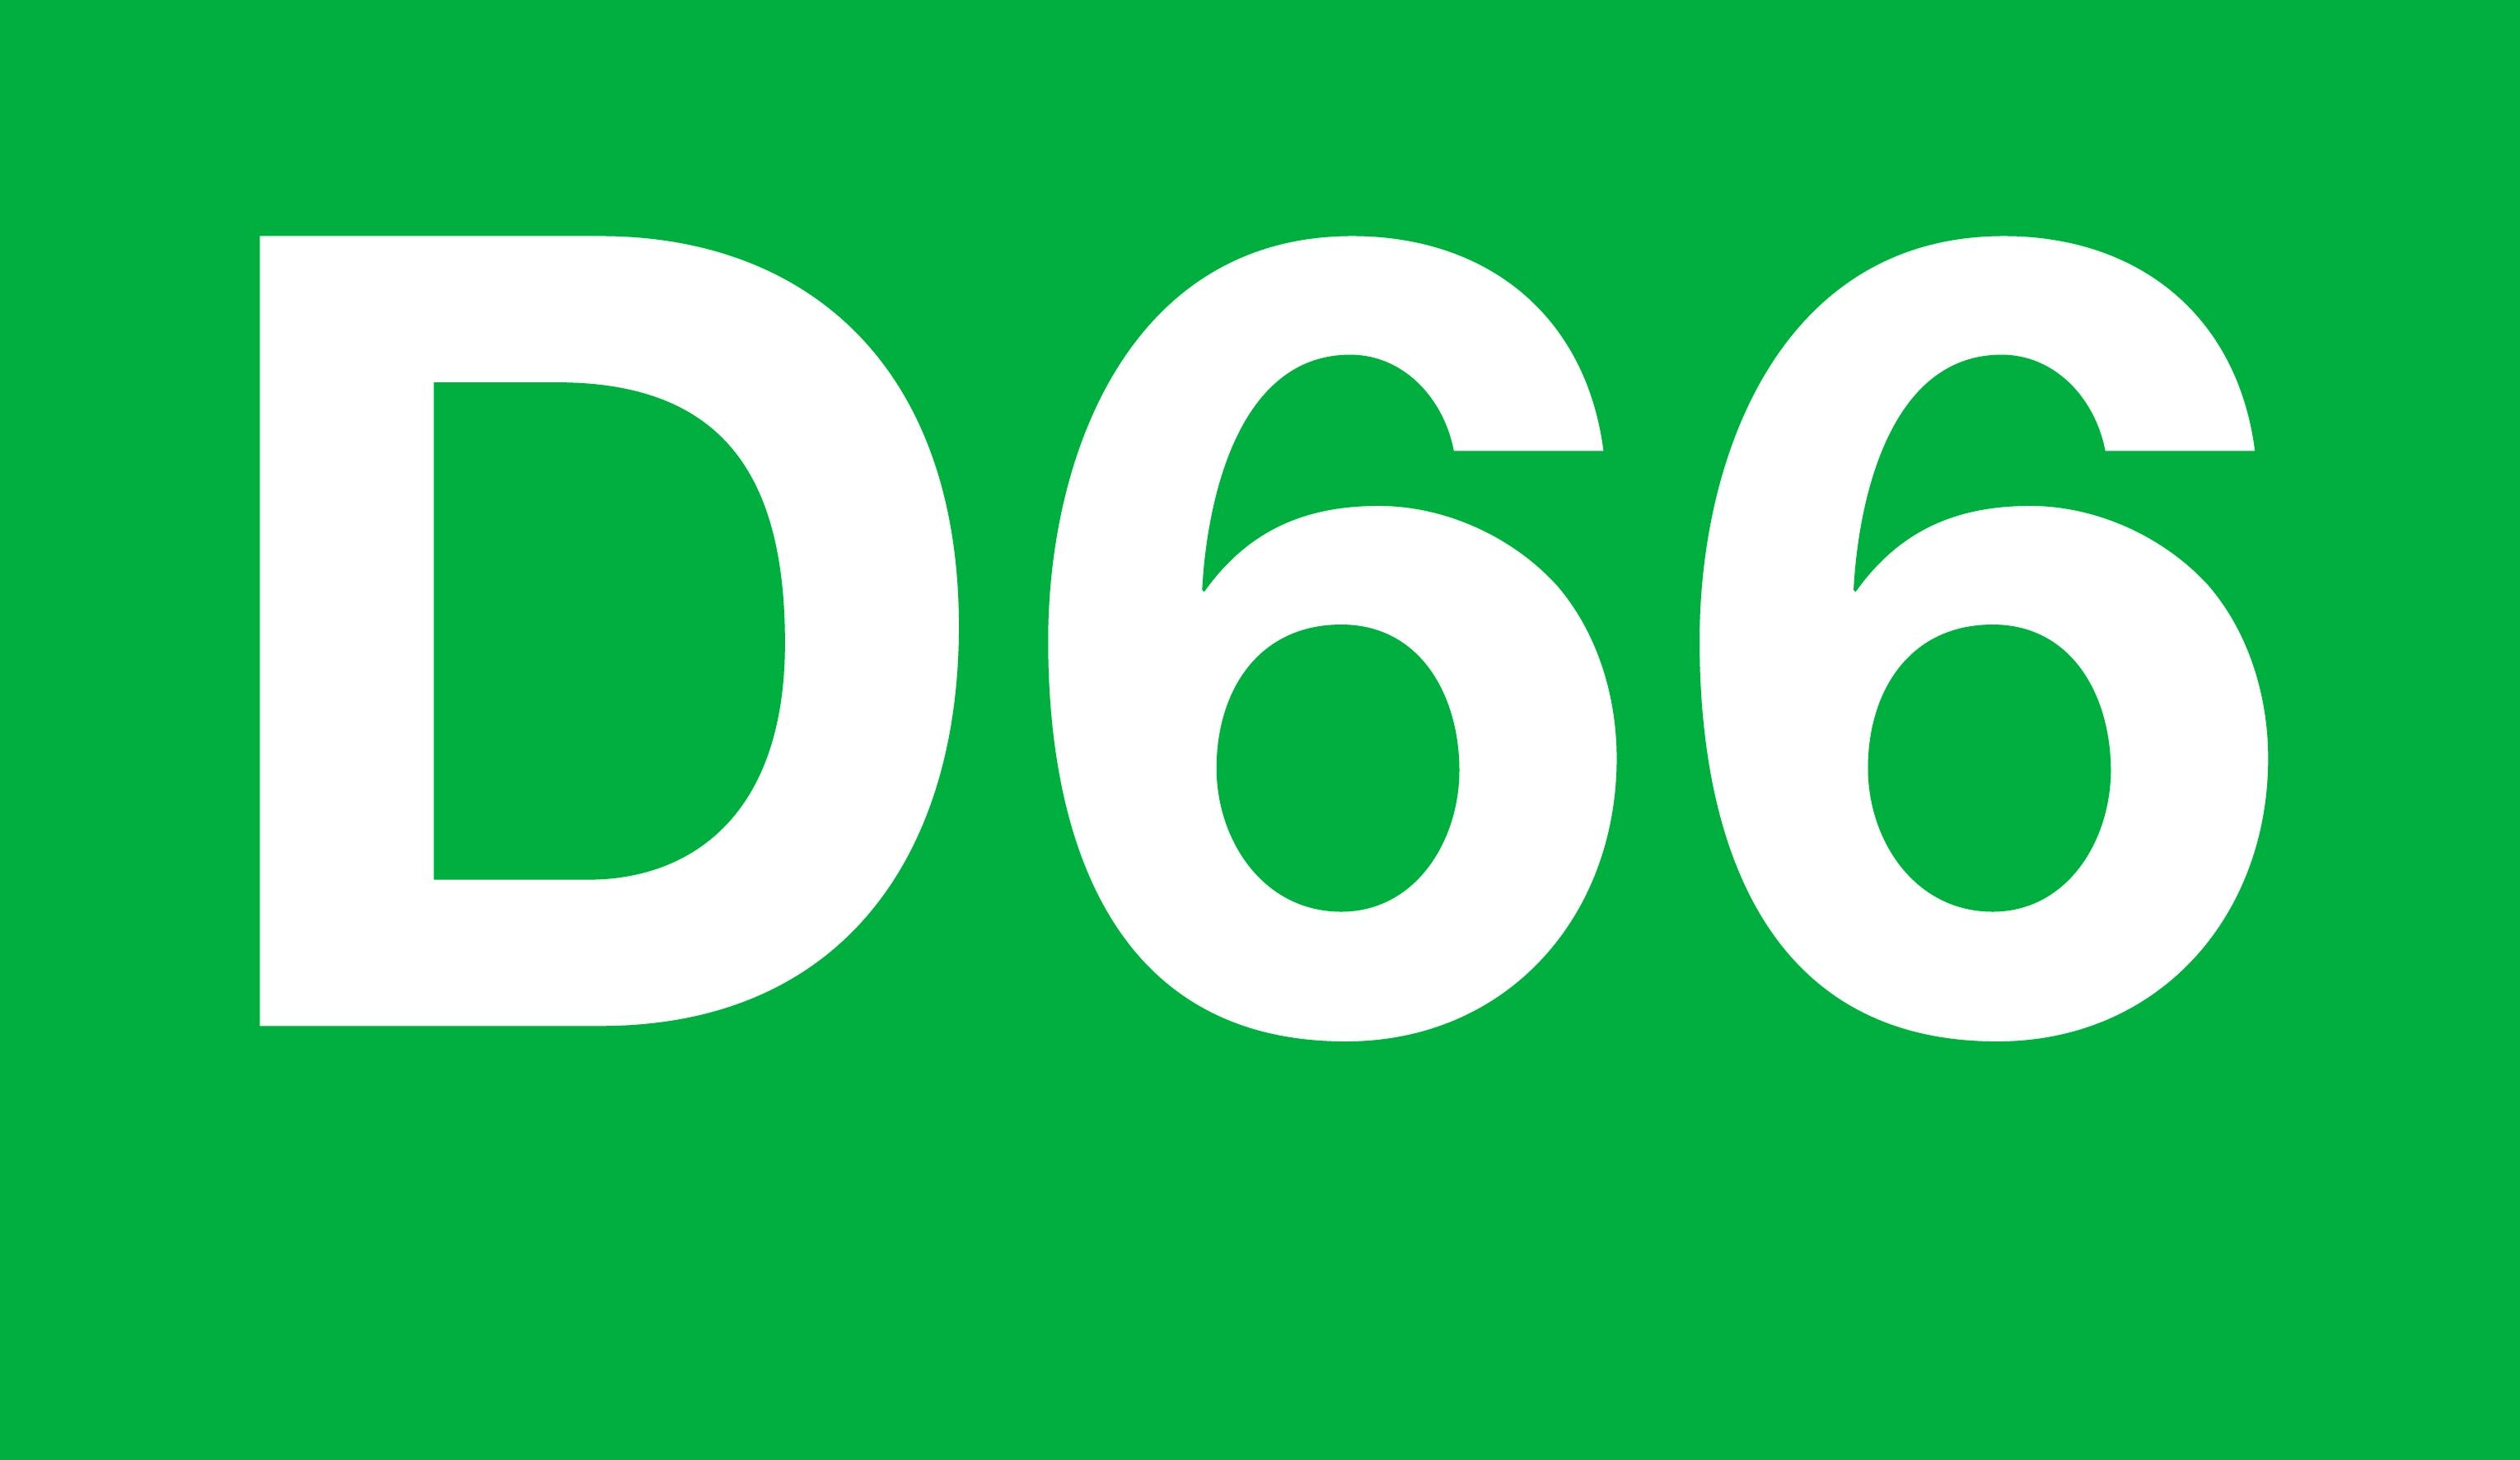 logo-d66